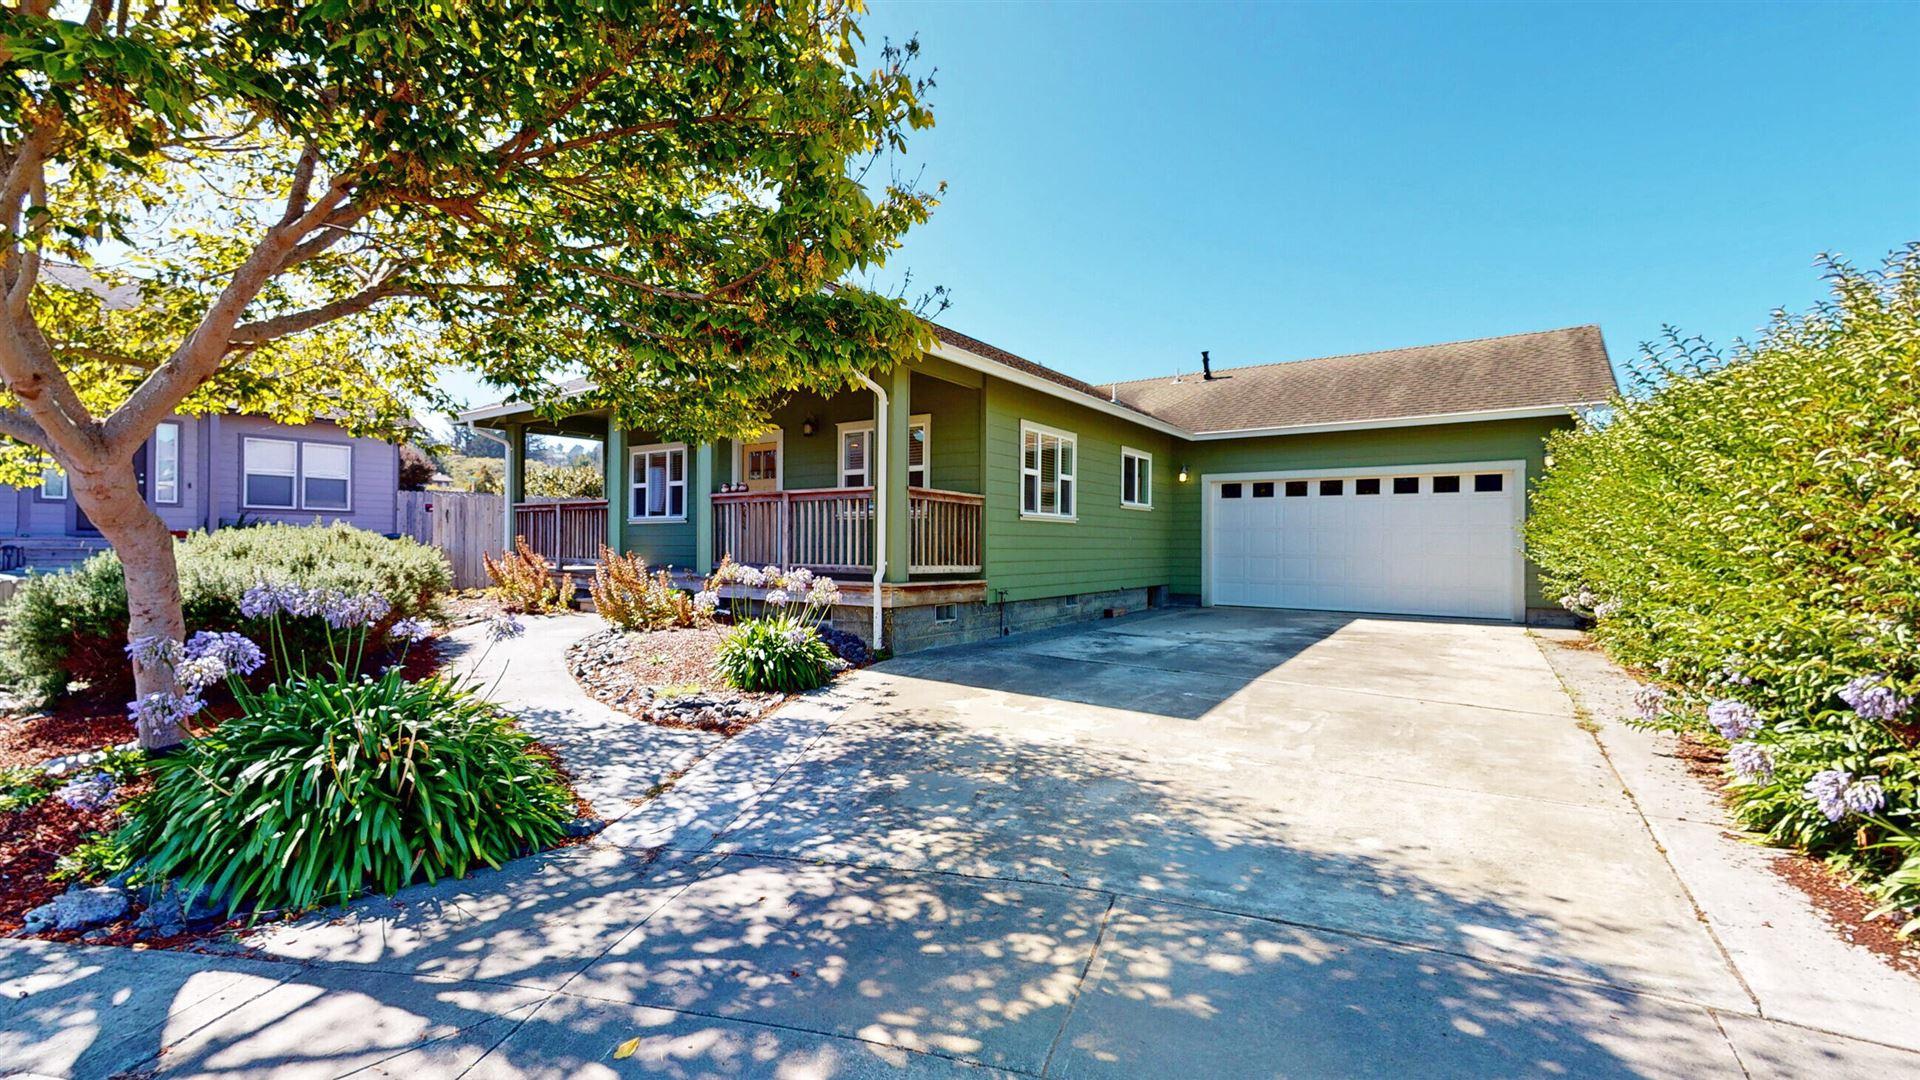 2306 Alfred Circle, Eureka, CA 95503 - MLS#: 260161